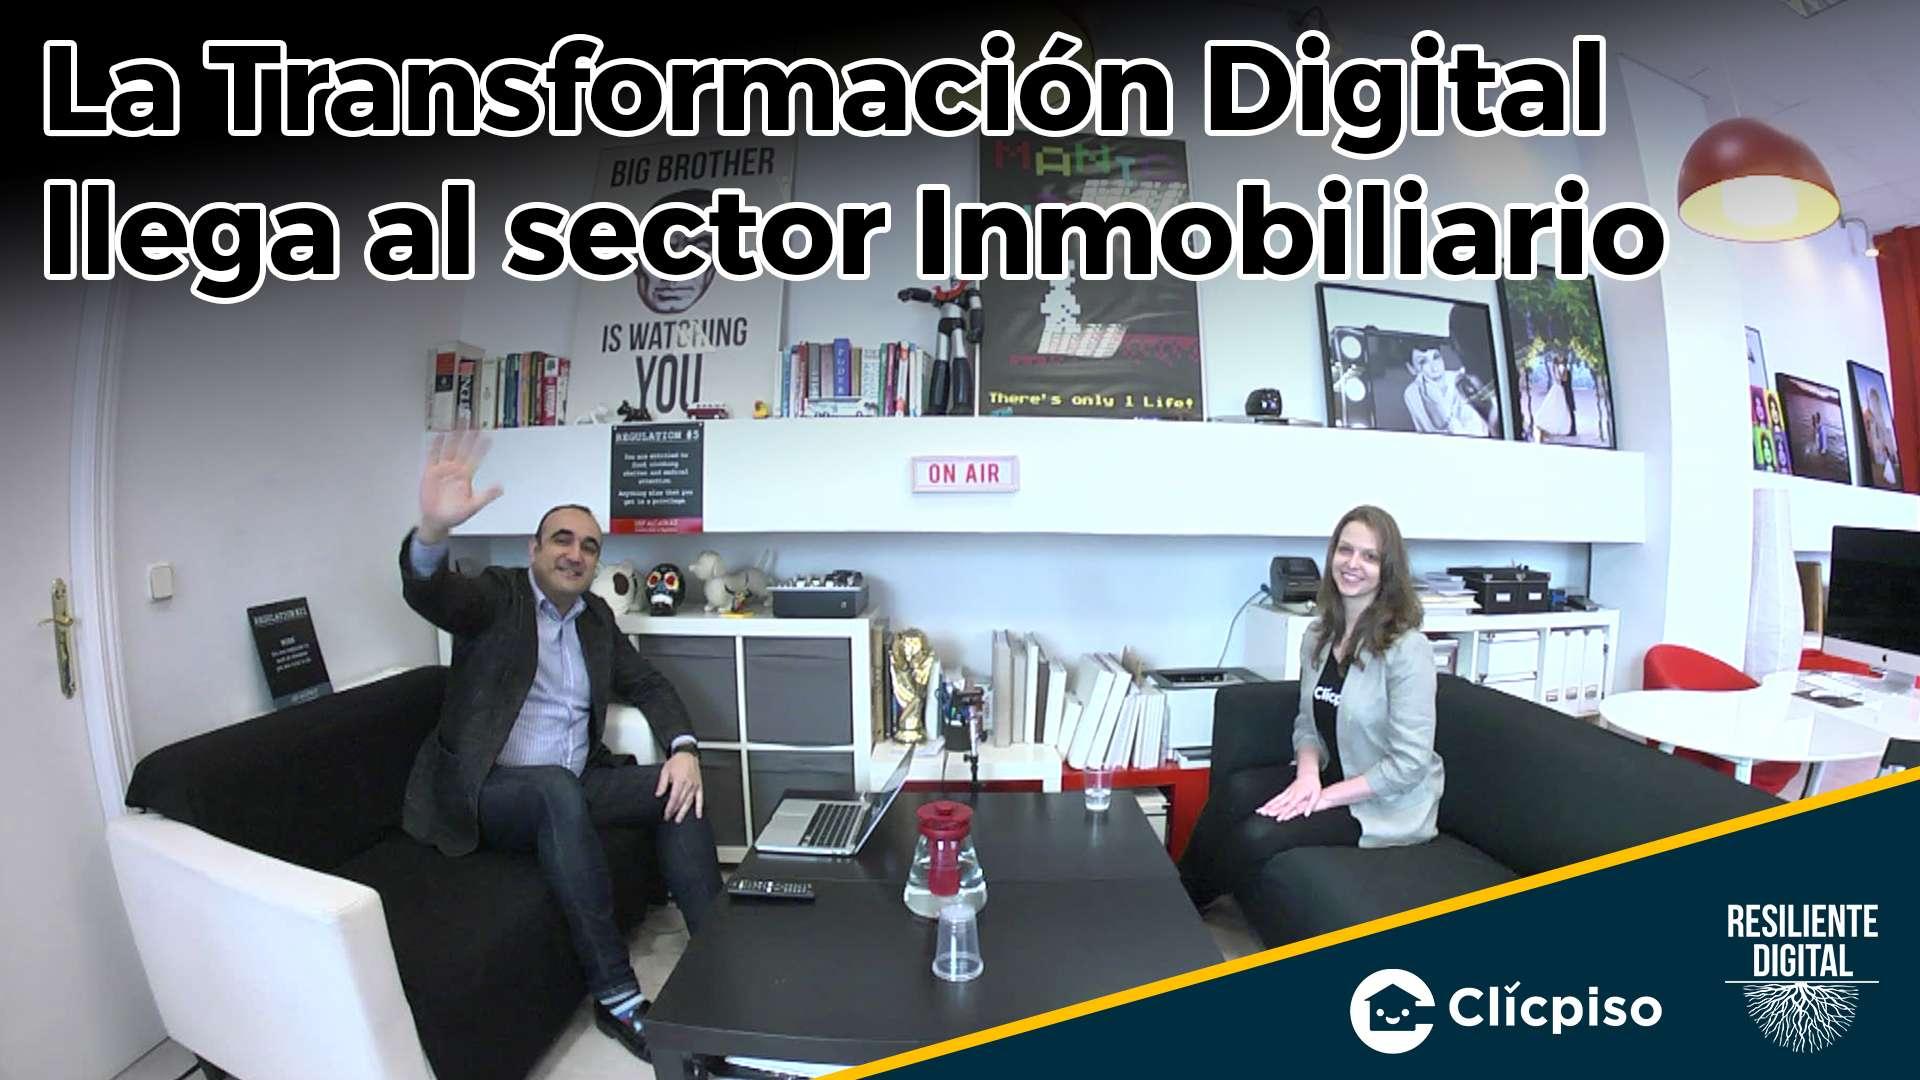 PropTech: La Transformación Digital llega al sector Inmobiliario